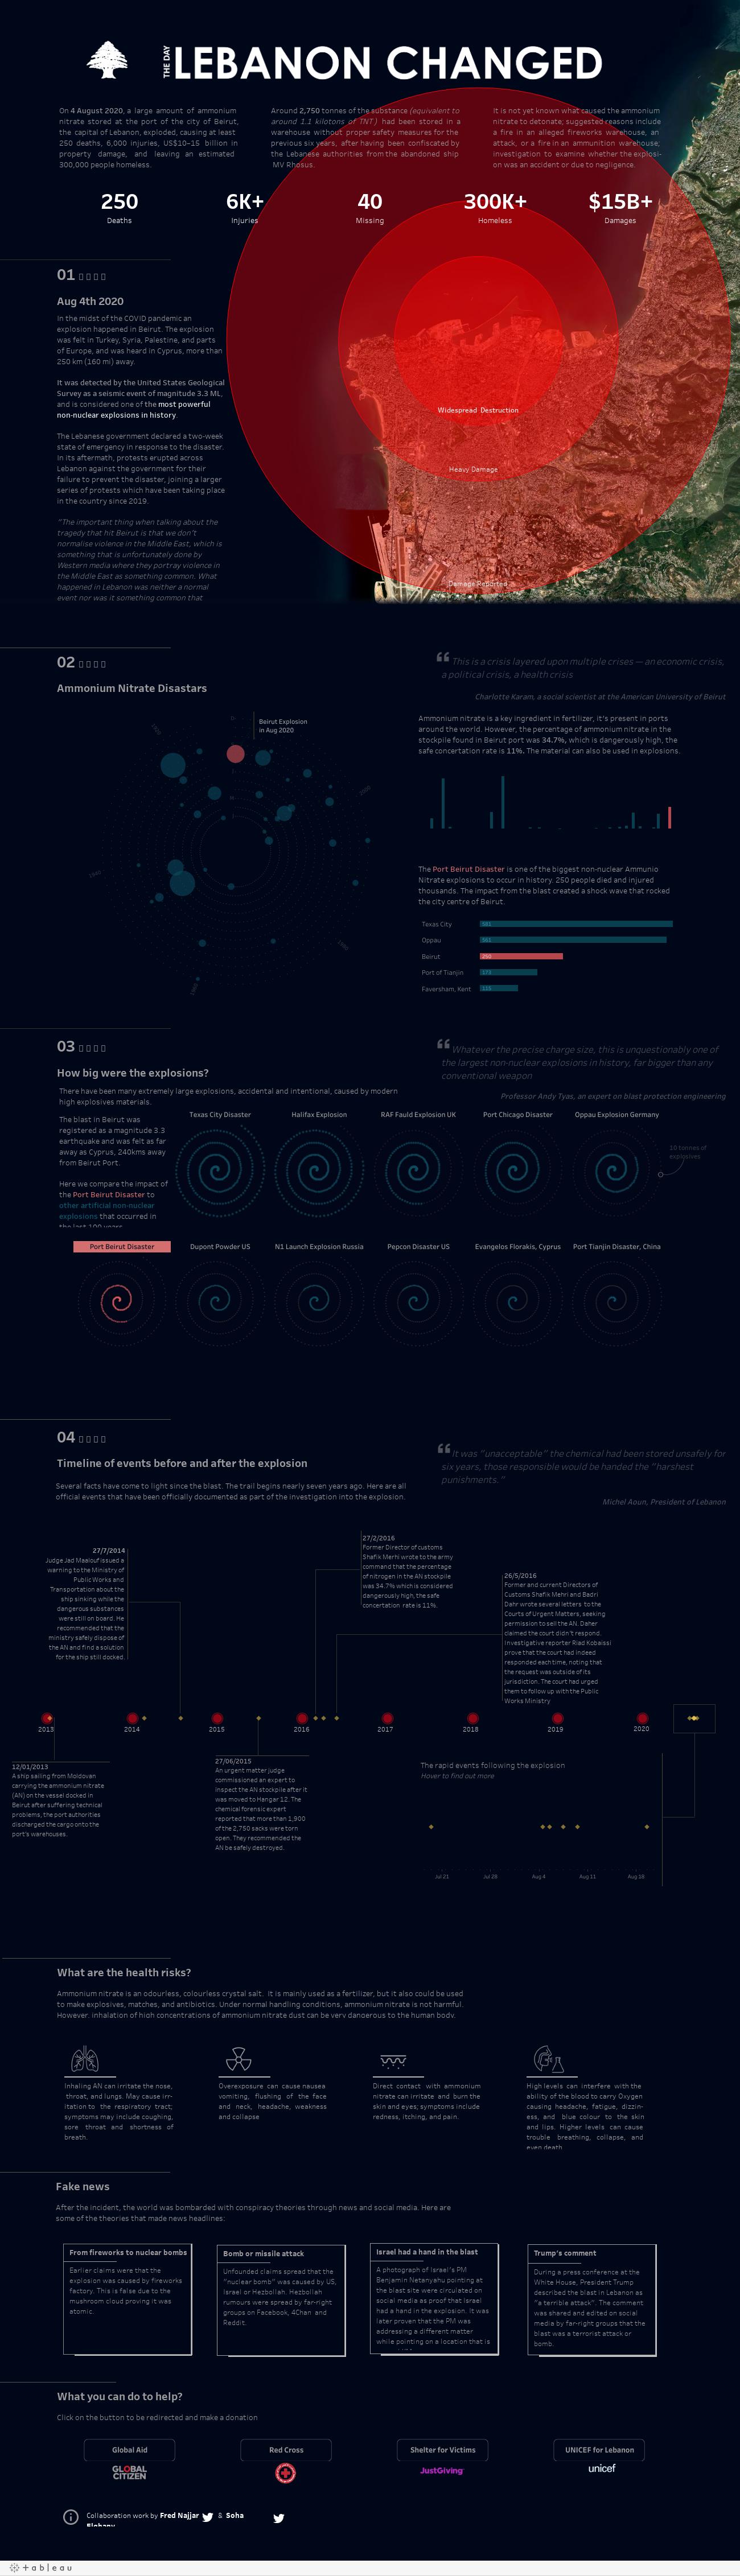 Najlepsze wizualizacje danych 2020 - katastrofa w Bejrucie